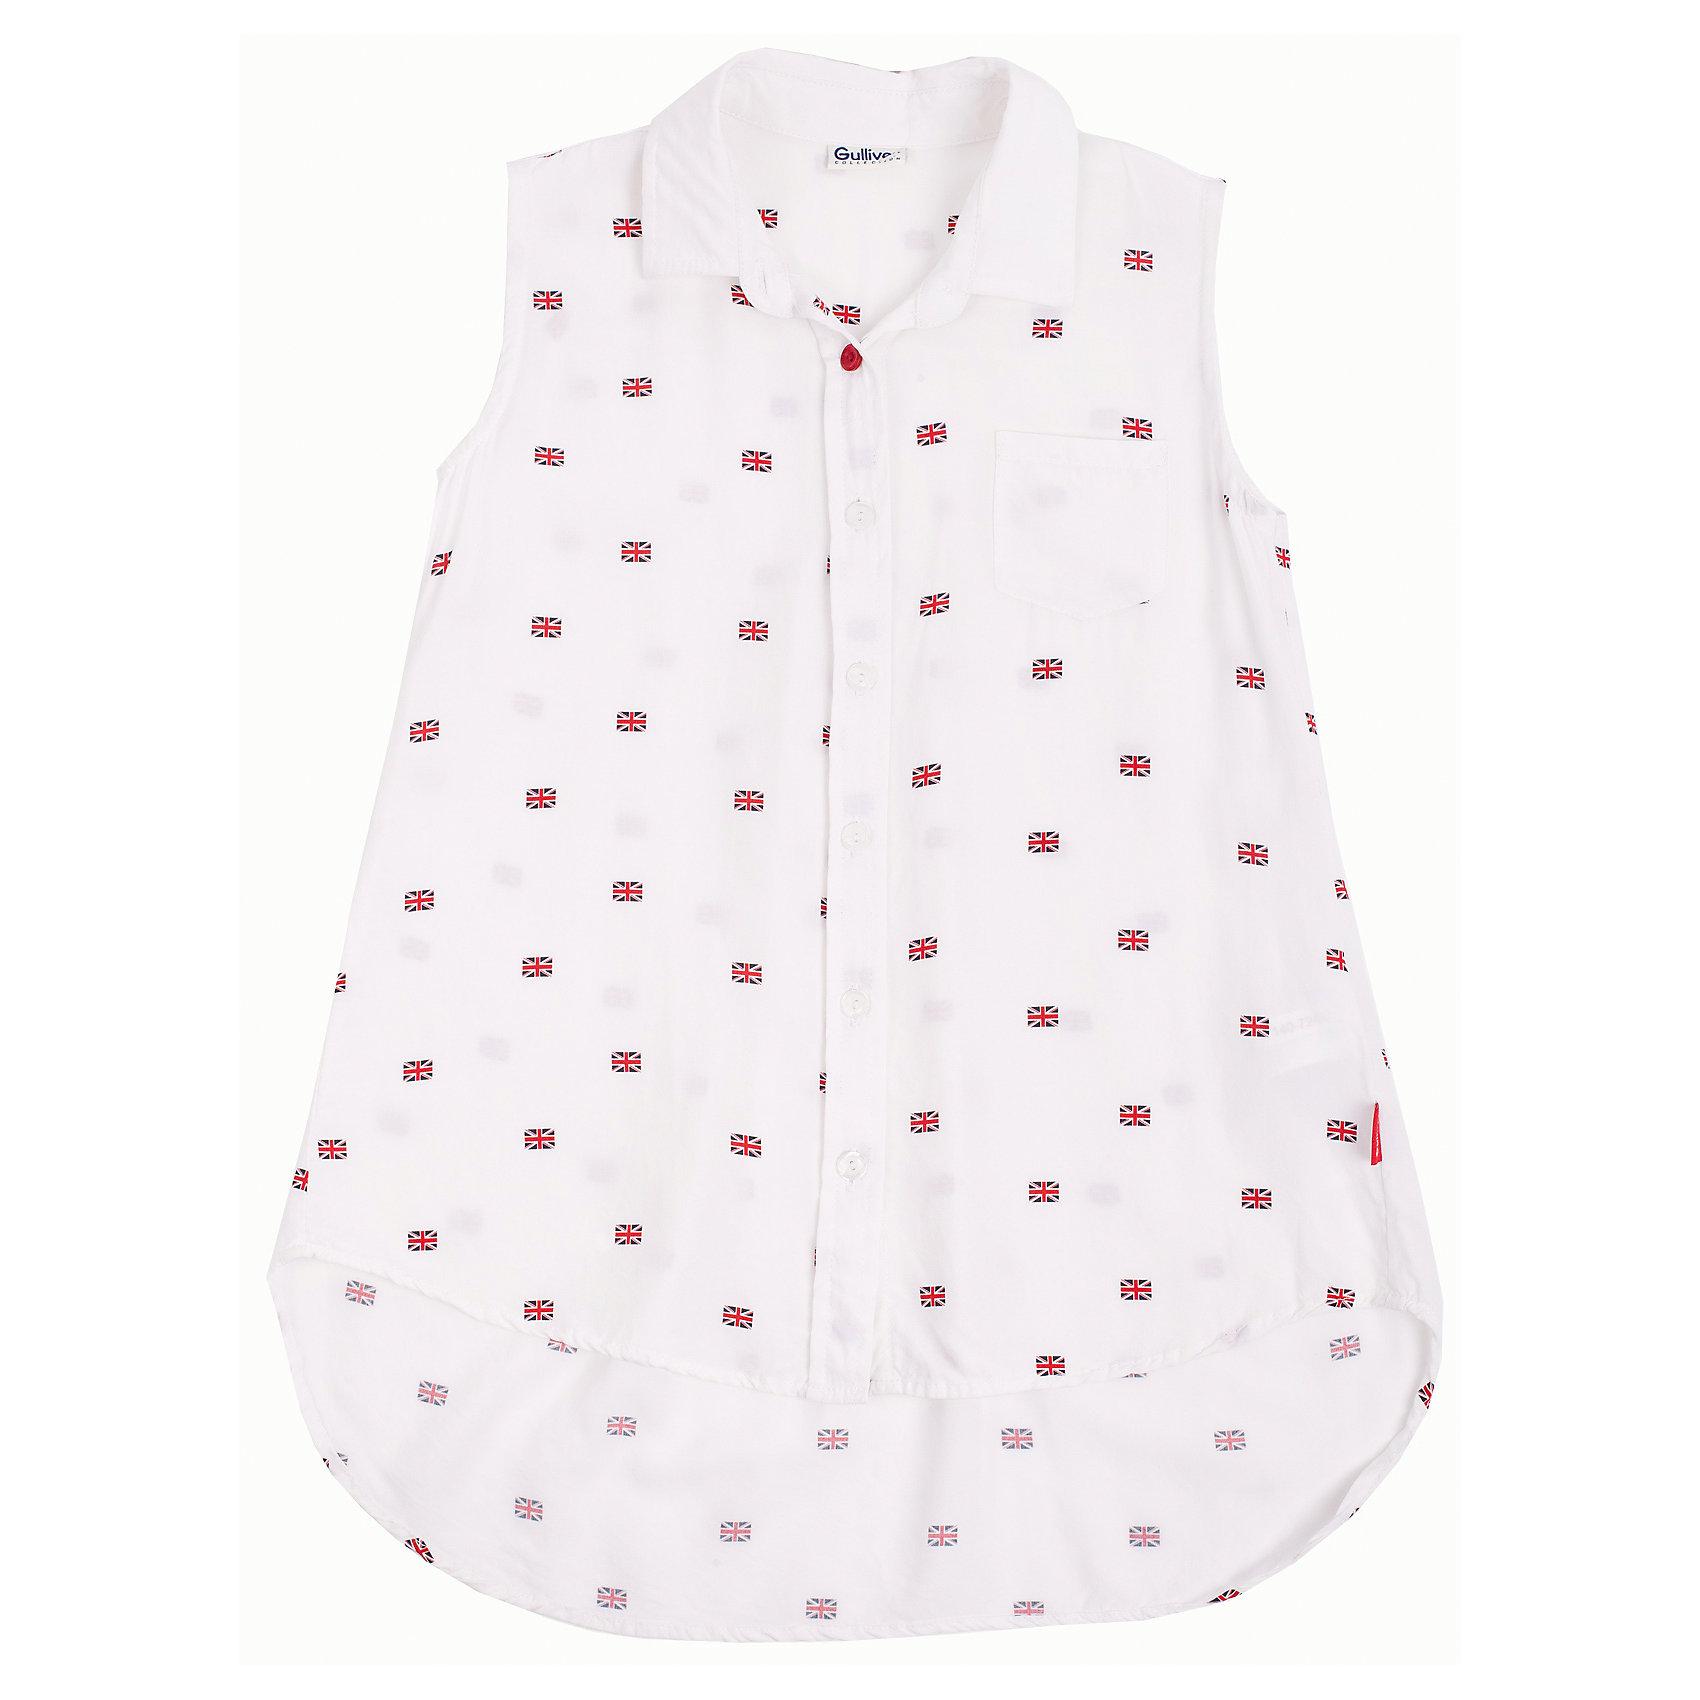 Блузка для девочки GulliverБлузки и рубашки<br>Модная блузка для девочки должна выглядеть именно так: свободный трапециевидный крой, удлиненная линия спинки, летящий силуэт, мягкая, приятная на ощупь ткань в мелкий равномерный рисунок. Но главное, модная блузка для девочки должна быть без рукавов! Именно такая модель сделает образ ребенка стильным и свежим, соответствующим основным трендам сезона Весна/Лето 2016. К тому же, в ней удобно, комфортно и не жарко.<br>Состав:<br>100% вискоза<br><br>Ширина мм: 186<br>Глубина мм: 87<br>Высота мм: 198<br>Вес г: 197<br>Цвет: белый<br>Возраст от месяцев: 96<br>Возраст до месяцев: 108<br>Пол: Женский<br>Возраст: Детский<br>Размер: 134,122,128,140<br>SKU: 4534857